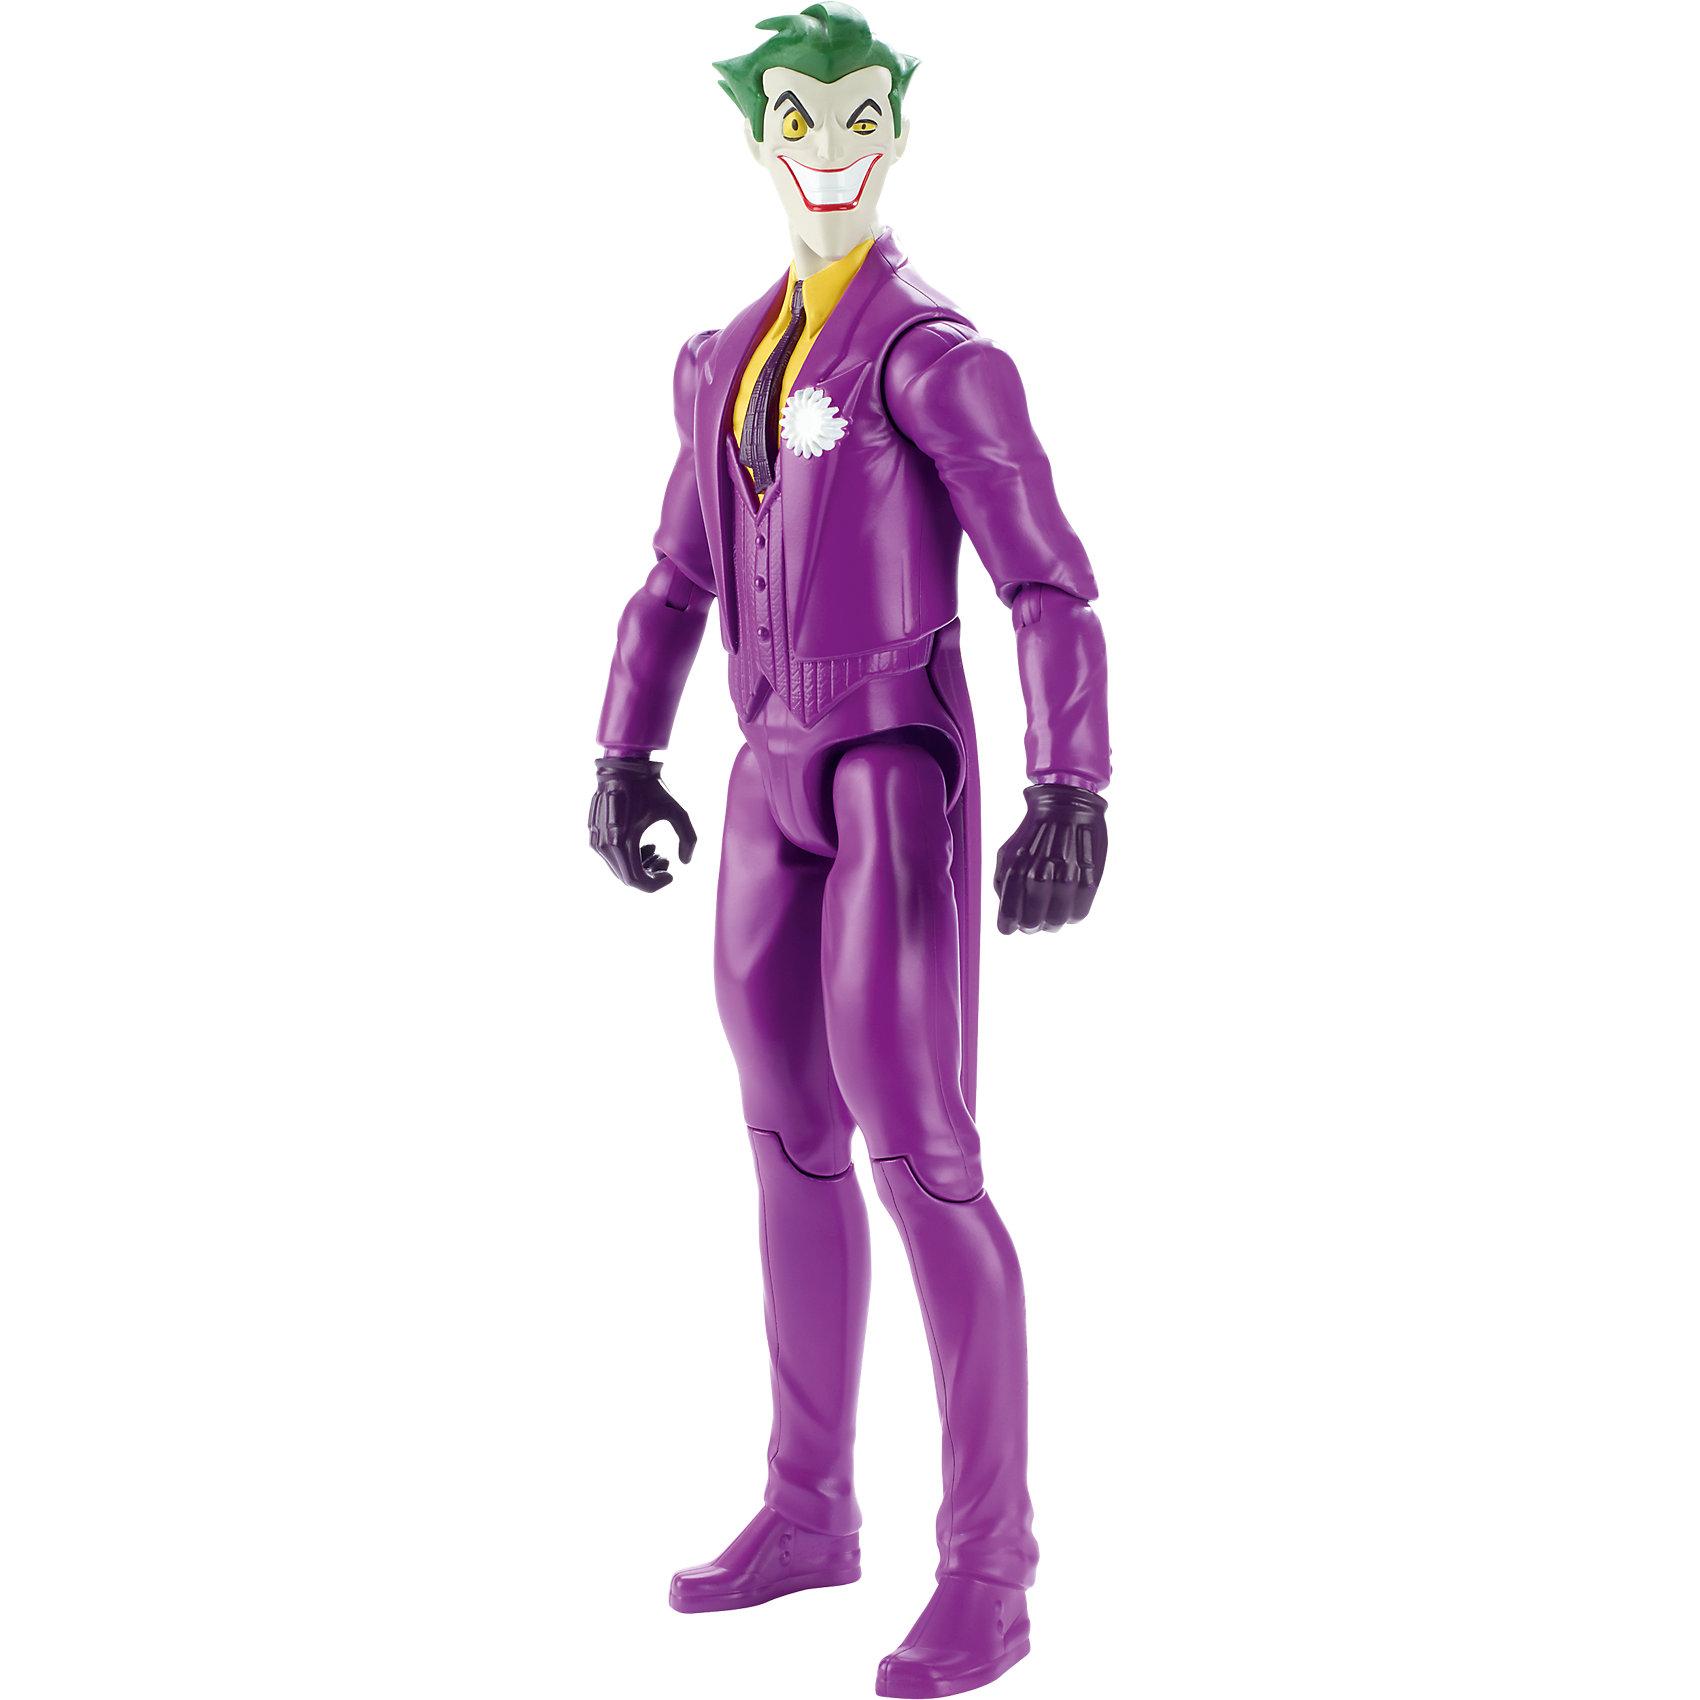 Базовая фигурка Джокер, БэтменКоллекционные и игровые фигурки<br>Характеристики товара:<br><br>• цвет: фиолетовый<br>• комплектация: 1 фигурка<br>• материал: пластик<br>• серия: Лига Справедливости<br>• ноги гнутся<br>• высота фигурки: 30 см<br>• возраст: от трех лет<br>• упаковка: коробка<br>• размер упаковки: 31х11х5 см<br>• вес: 0,3 кг<br>• страна бренда: США<br><br>Отличный подарок для любителей супергероев! Такая фигурка позволит придумать множество игр со своими любимыми персонажами. Она отлично детализирована. Высота - 30 сантиметров, поэтому и выглядит супергерой внушительно.<br><br>Игры с подобными фигурками - это не только весело, они помогают детям развить воображение, творческое и пространственное мышление, мелкую моторику . Игрушки от бренда Mattel отличаются стабильно высоким качеством и уже давно радуют детей по всему миру! <br><br>Базовую фигурку Джокер от компании Mattel можно купить в нашем интернет-магазине.<br><br>Ширина мм: 312<br>Глубина мм: 116<br>Высота мм: 60<br>Вес г: 246<br>Возраст от месяцев: 36<br>Возраст до месяцев: 96<br>Пол: Мужской<br>Возраст: Детский<br>SKU: 5197040